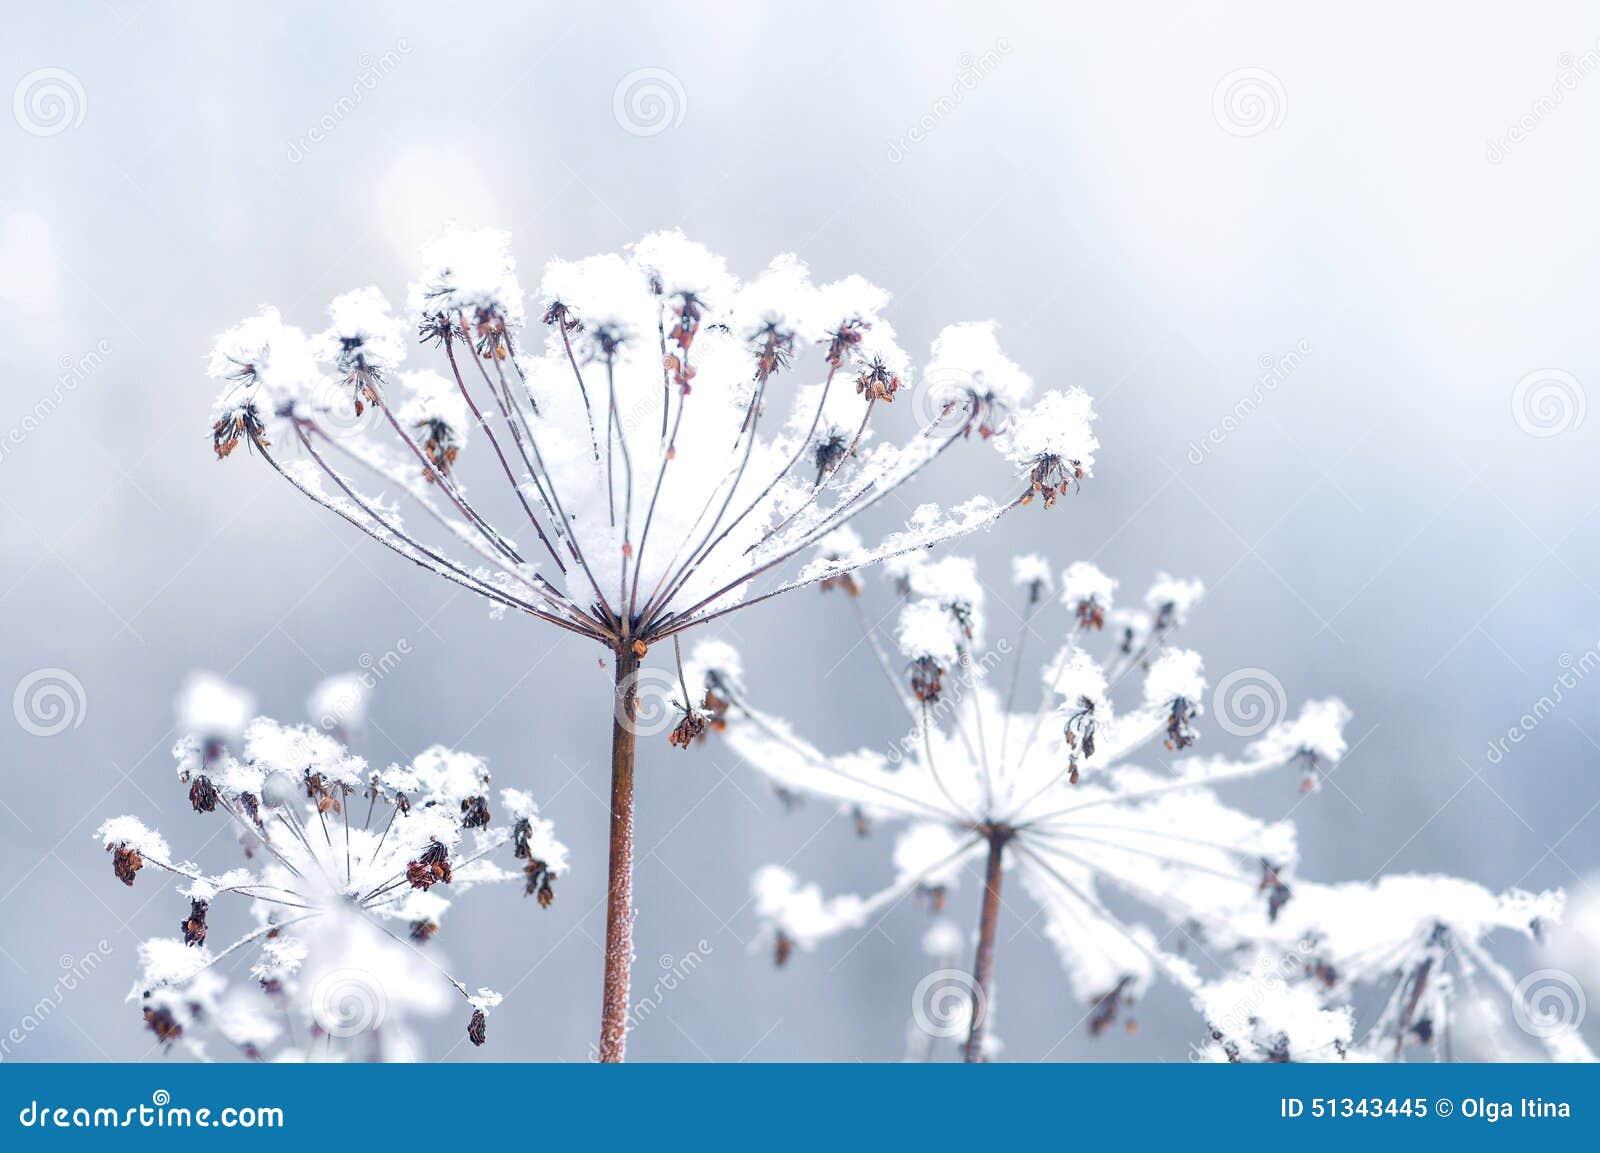 Brindille congel e de fleur au bel arri re plan de chutes de neige d 39 hiver image stock image - Fleur d hiver exterieur ...